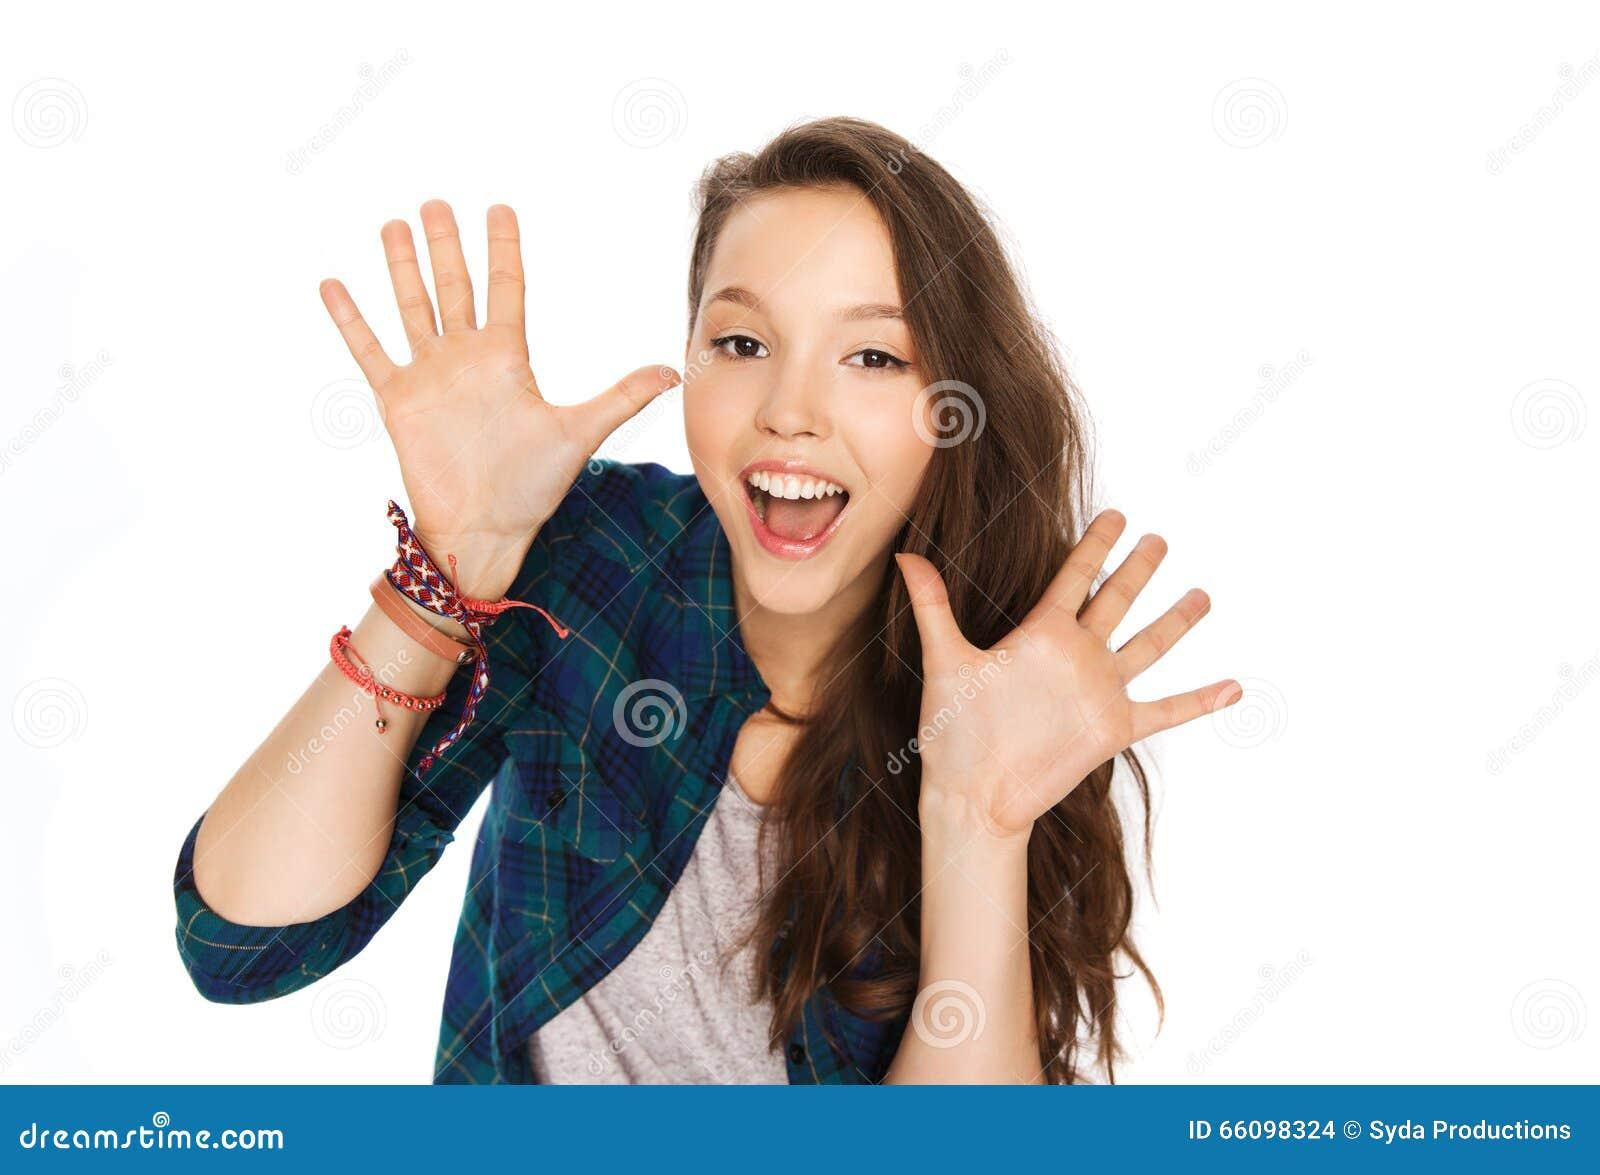 girl hands Teen photo